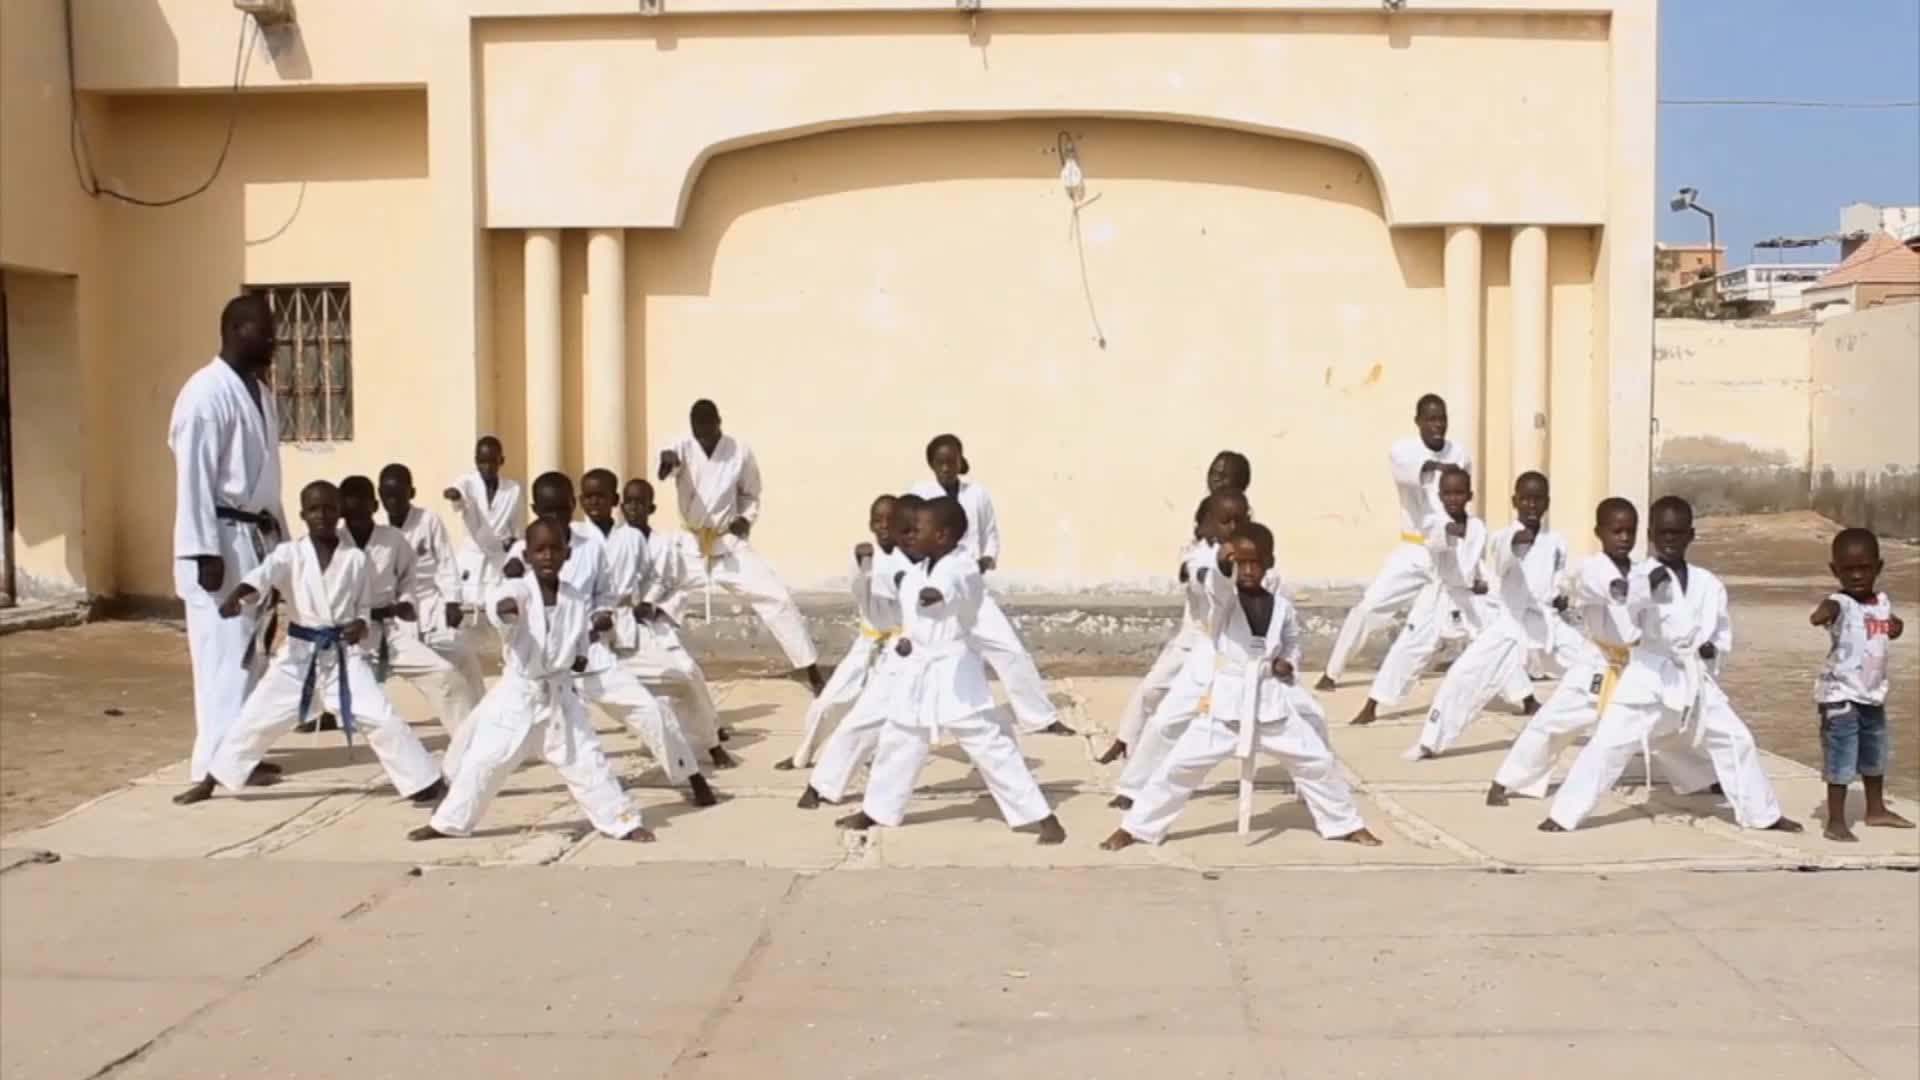 École de Karaté : une arme contre la violence - Houleye en Mauritanie